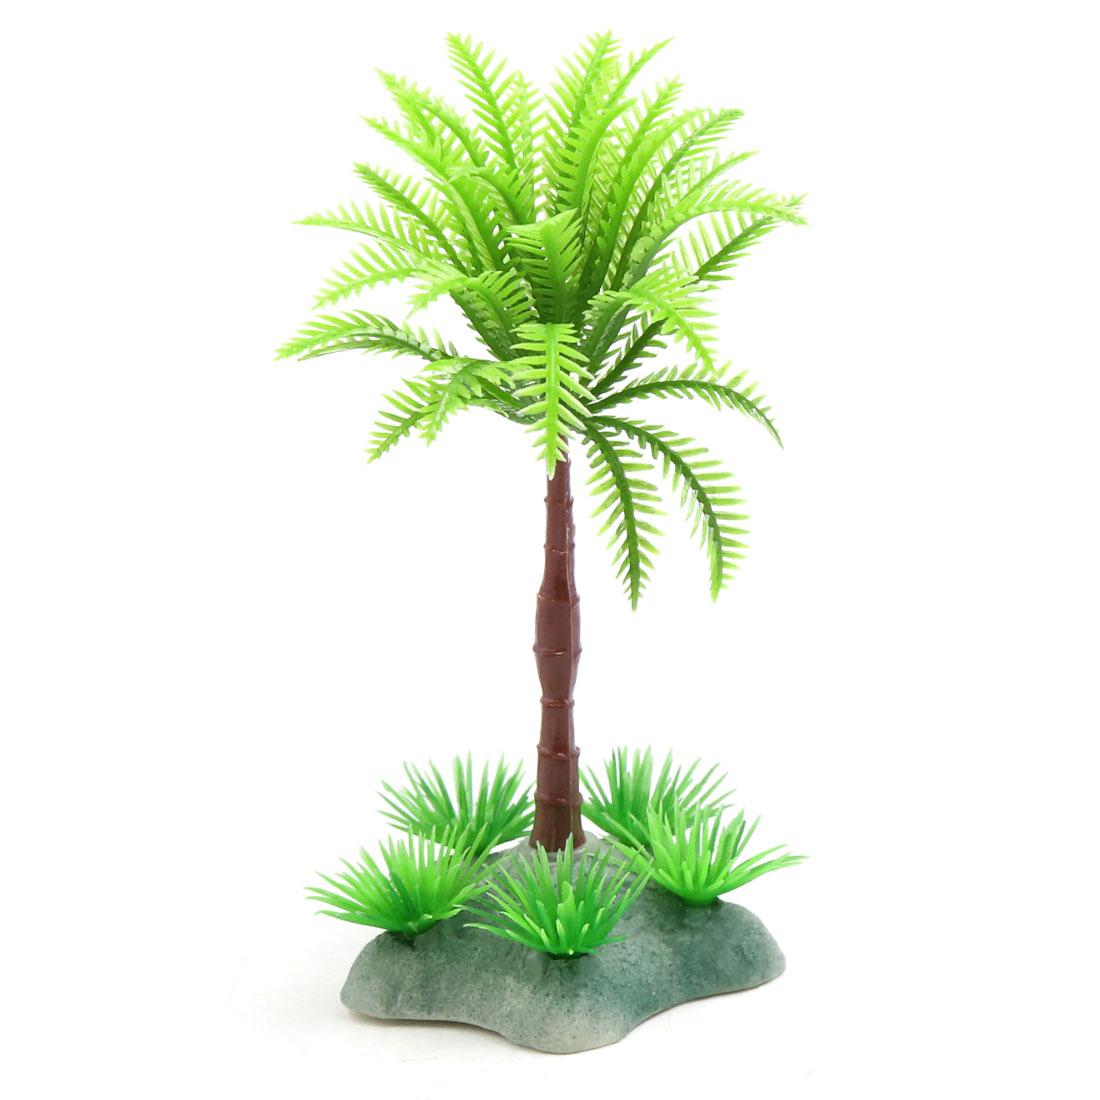 Plastic Coconut Tree Aquarium Terrarium Aquascape Decorations for Reptiles